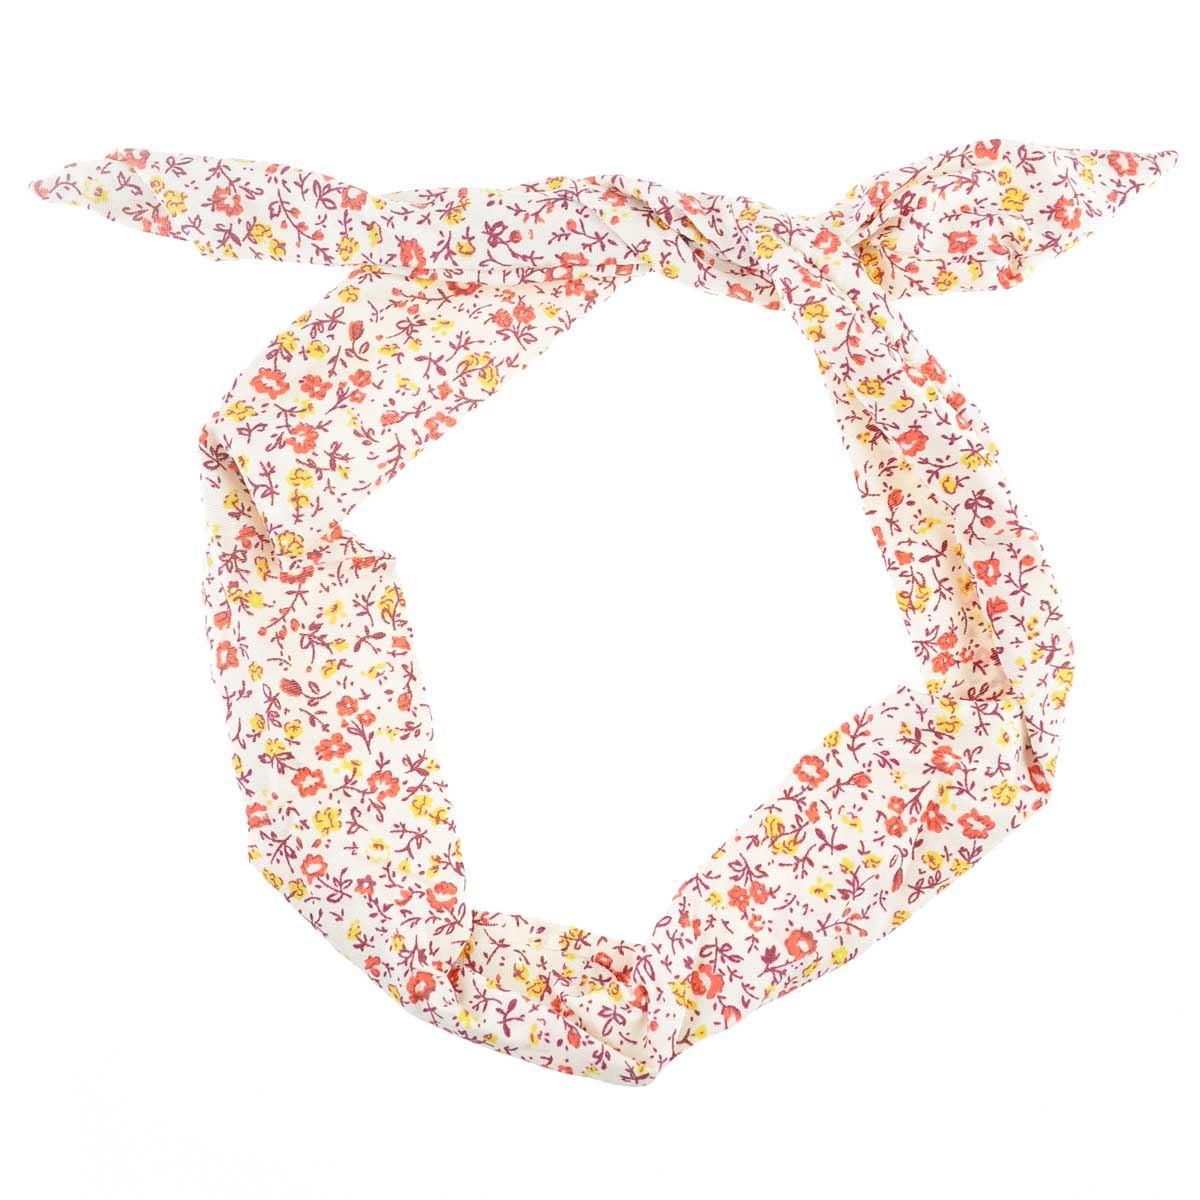 kleines Blumenmuster draht-kopfband Retro Band gewickelt Haare ...